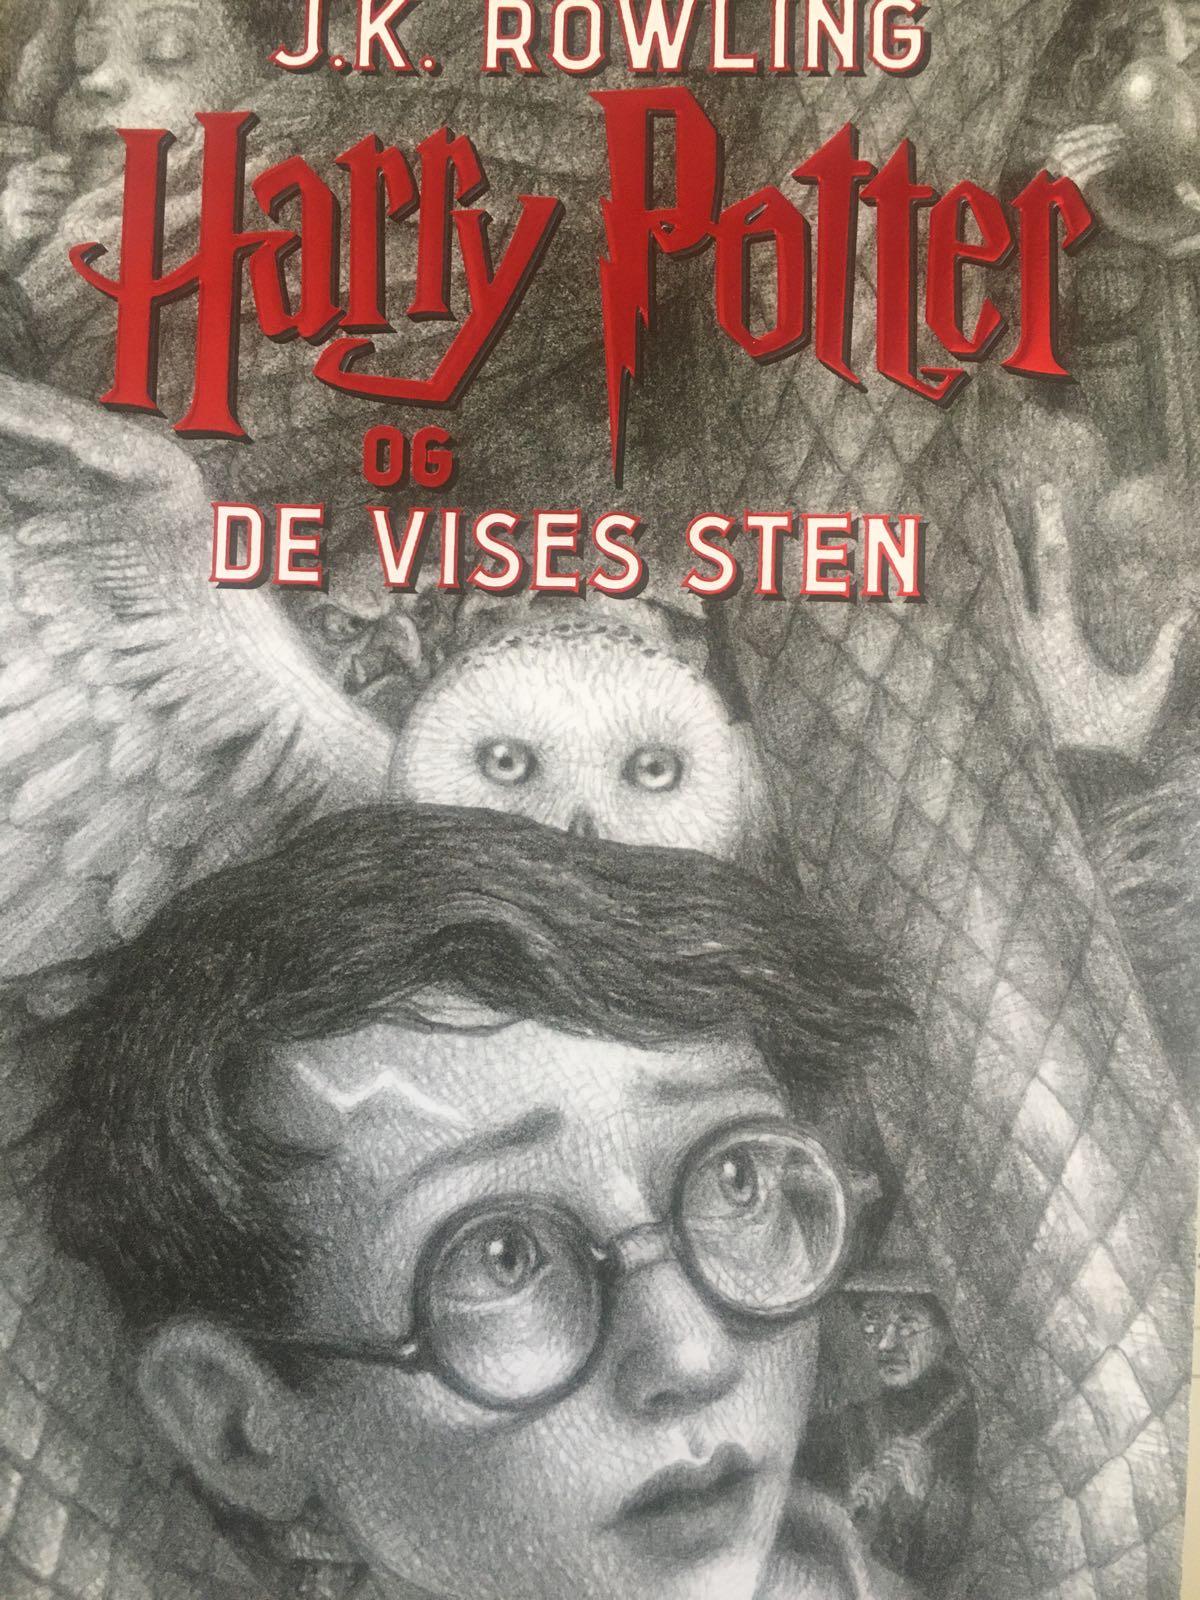 Harry Potter 1 - Harry Potter og de vises sten af J.K. Rowling